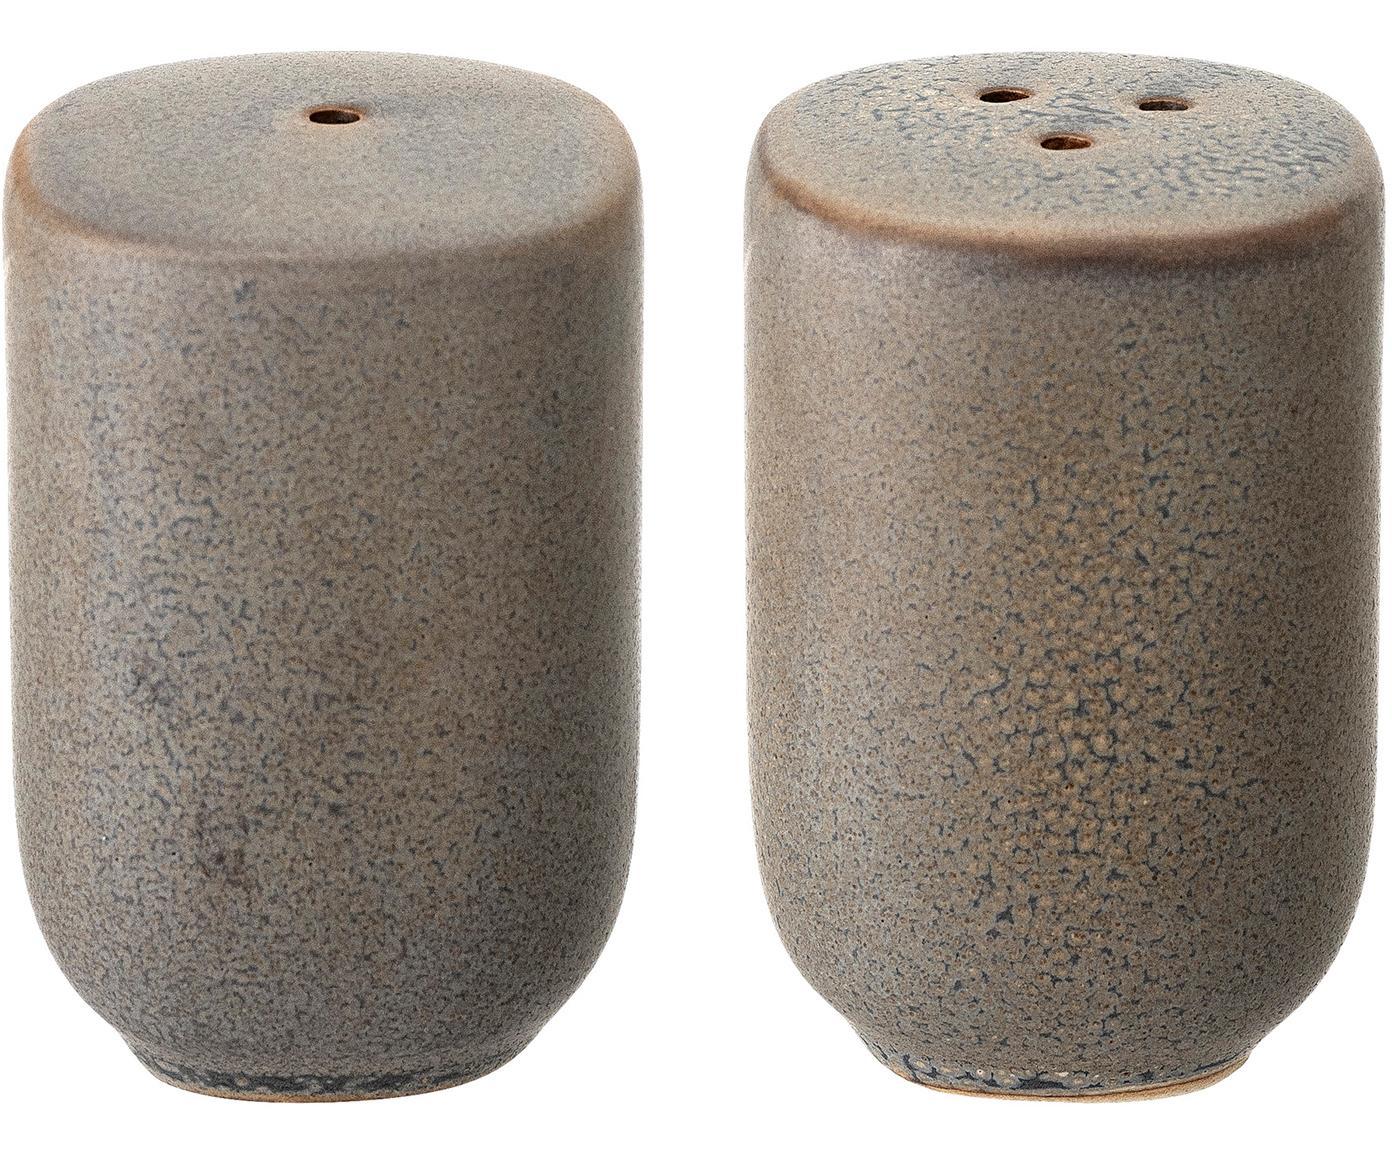 Salero y pimentero artesanal Kendra, Gres, Greige, Ø 5 x Al 7 cm